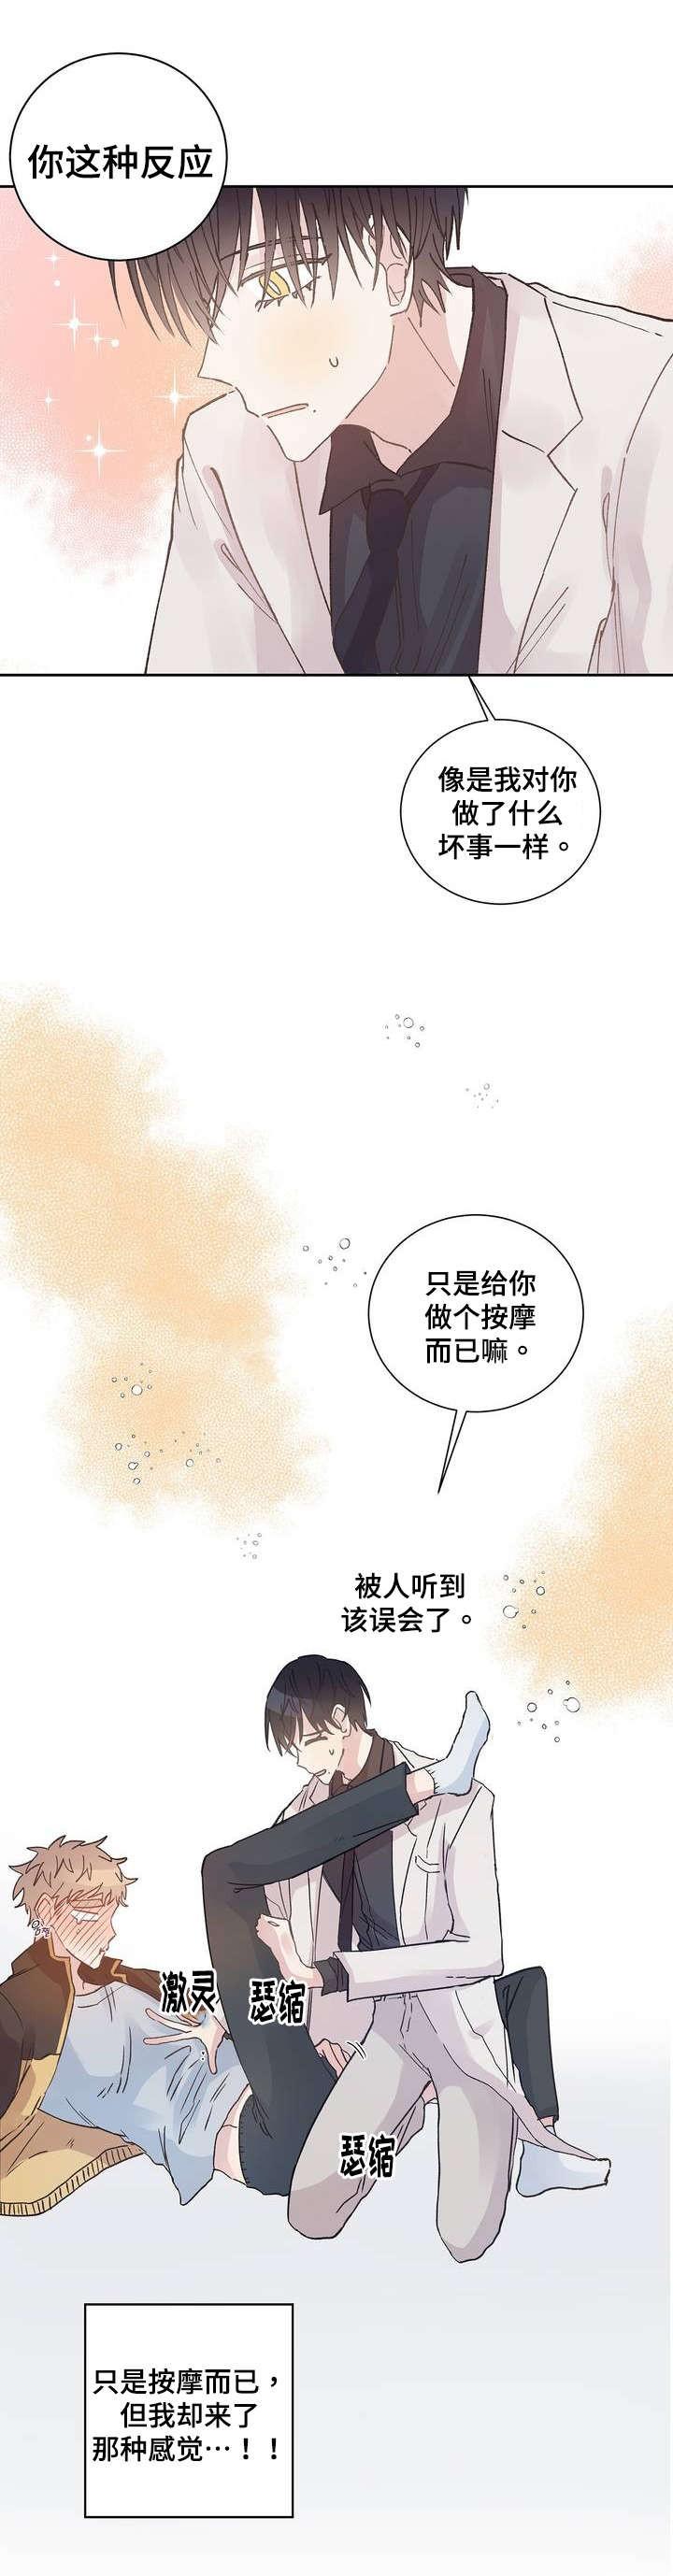 纯情保健室-漫画下拉式免费阅读_最新连载更新至44话-啵乐漫画